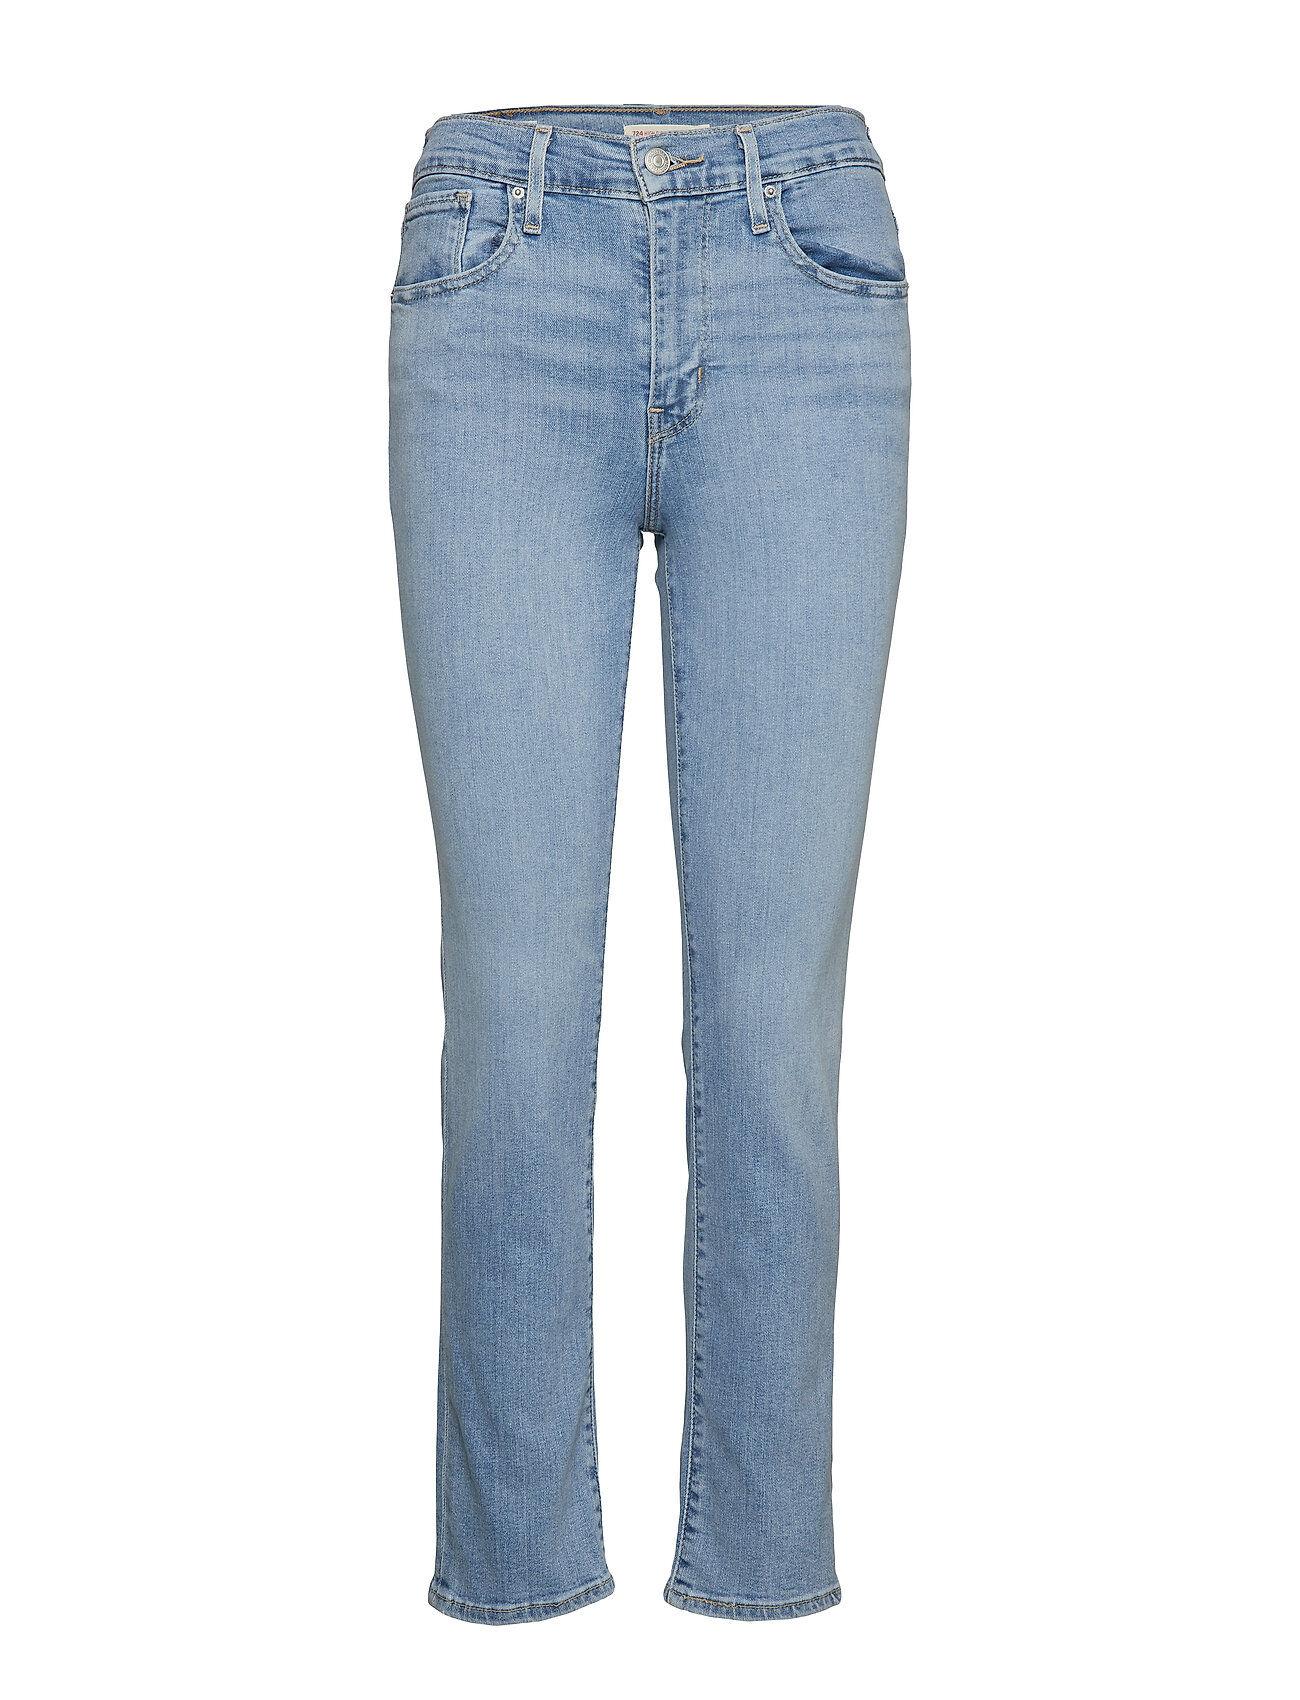 LEVI´S Women 724 High Rise Straight San Fra Slimmade Jeans Blå LEVI´S Women